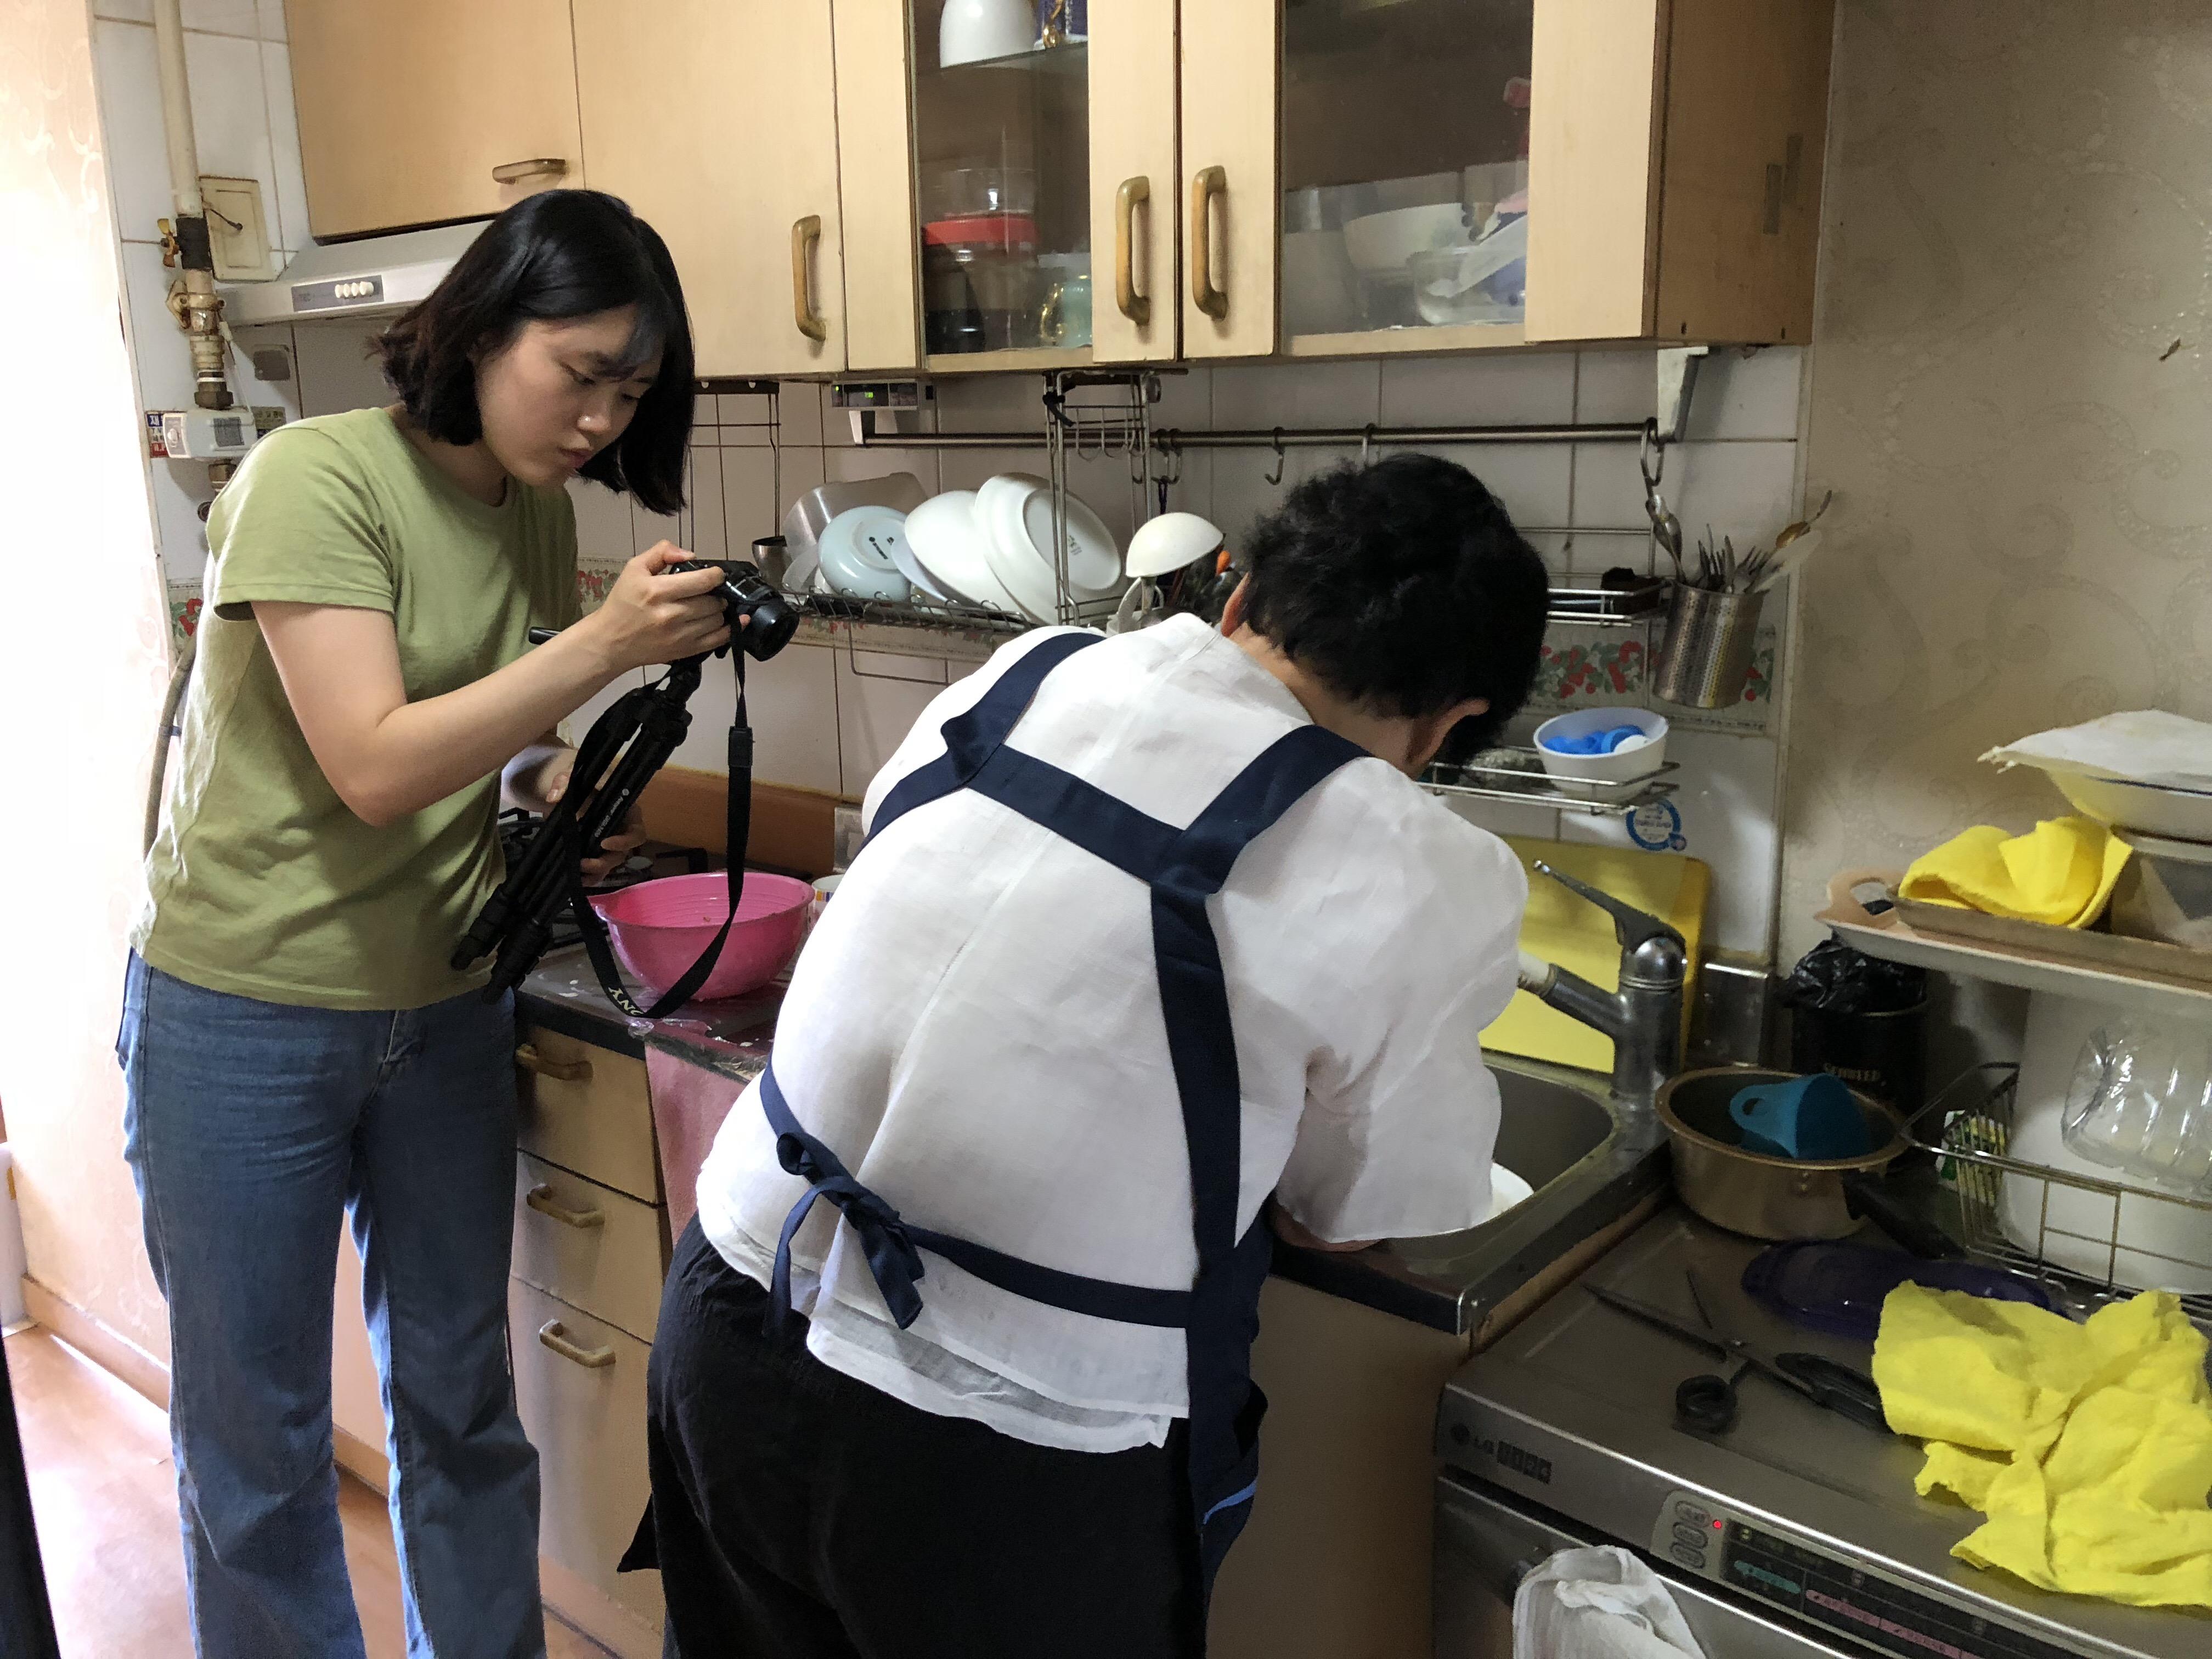 [재가지원] 재가어르신 요리 콘텐츠 제작 프로그램 '내가 바로 쿡(COOK)크리에이터!' 3차 활동